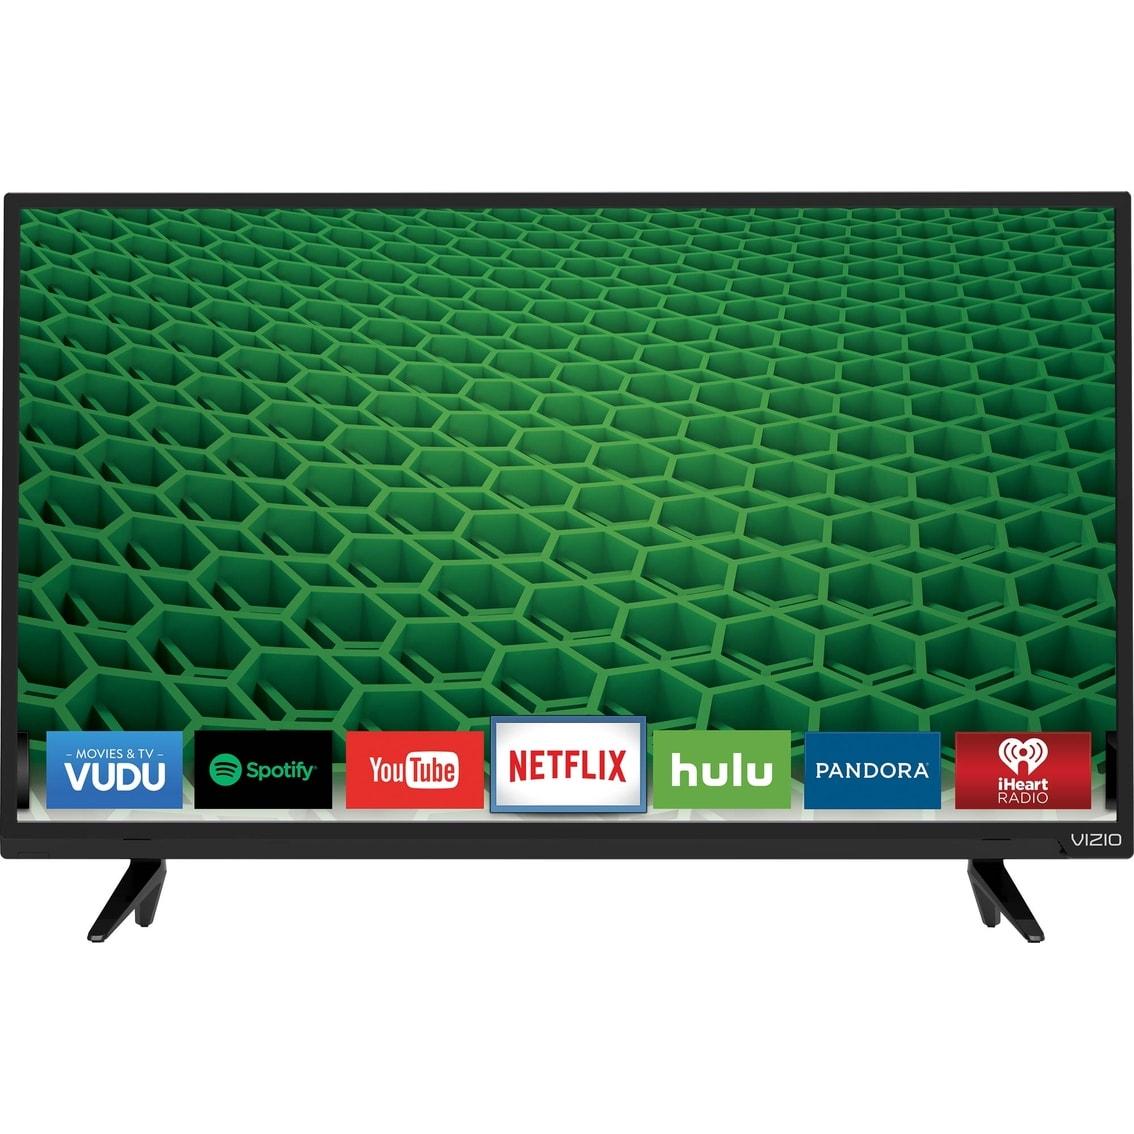 Vizio D32h-D1 D-Series Class 720P 60HZ Black 32-inch Full-array LED Smart TV